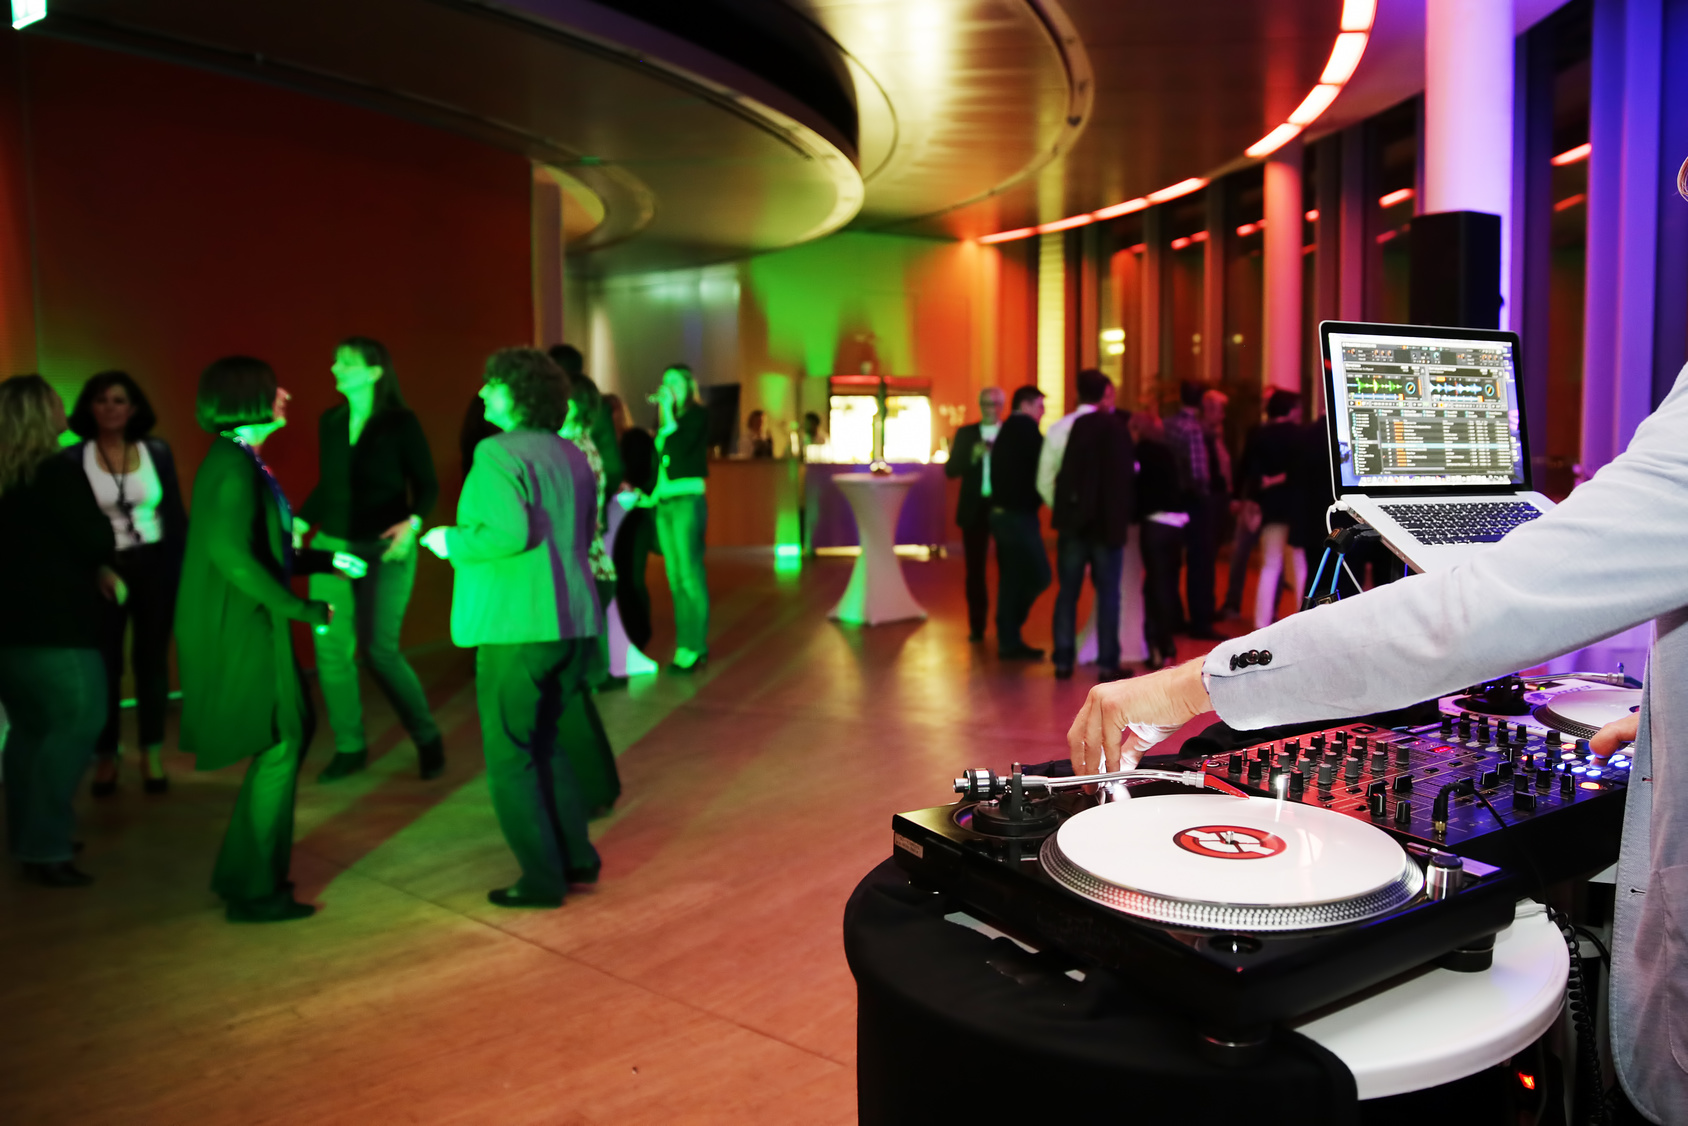 Veranstaltungstechnik für Privatfeier mit DJ Beschallungsanlage und Lichttechnik